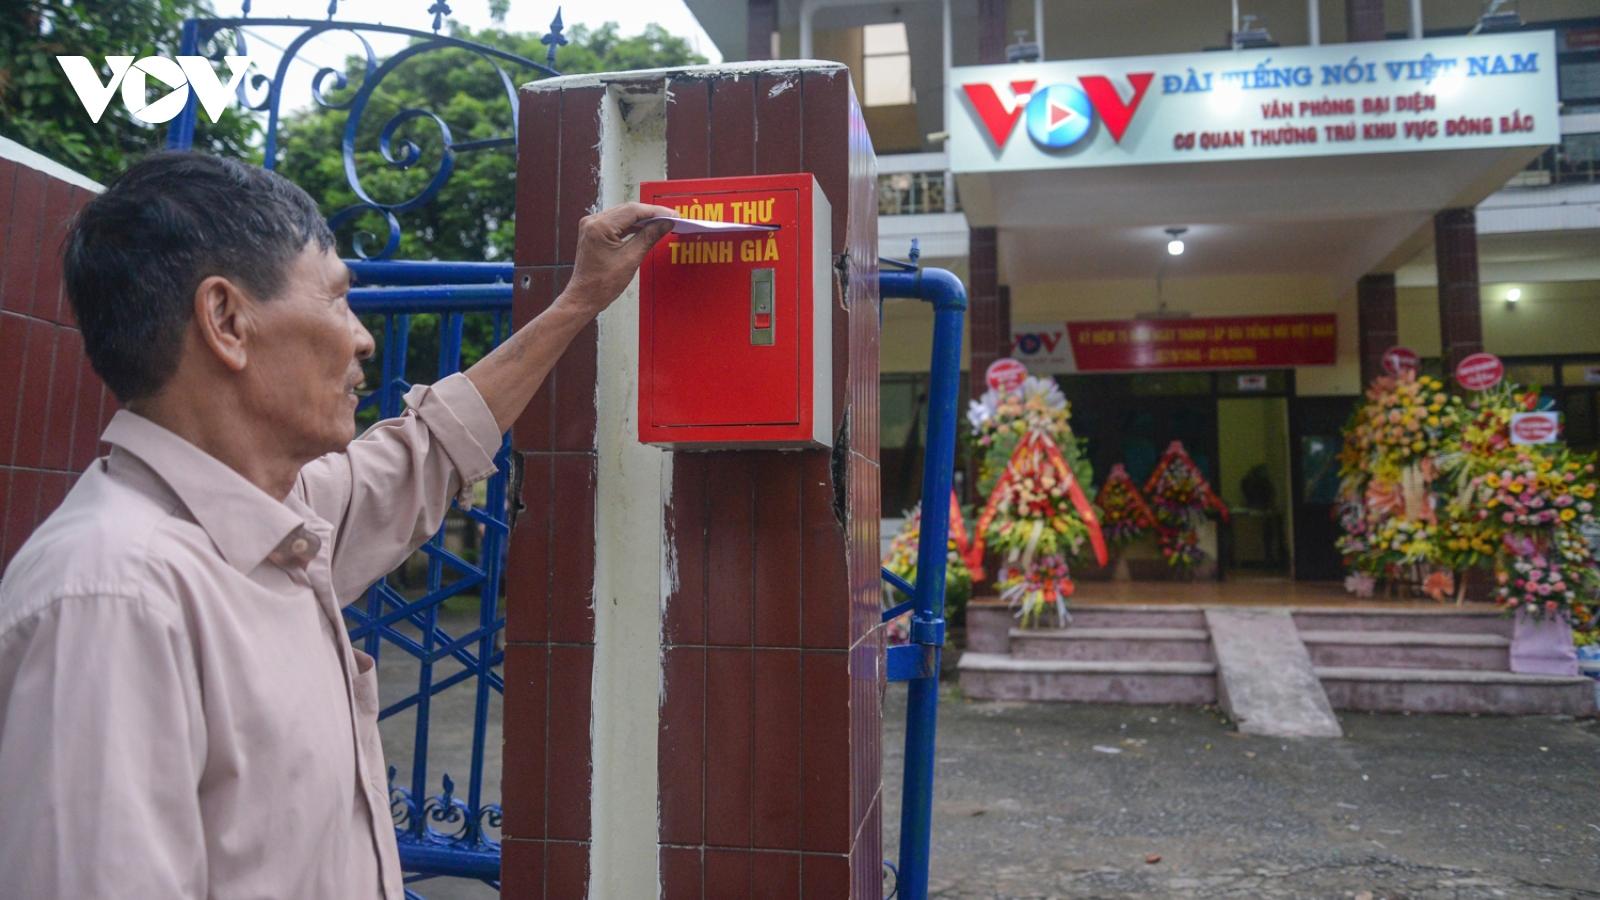 VOV Đông Bắc khai trương văn phòng đại diện tại TP biên giới Móng Cái, tỉnh Quảng Ninh